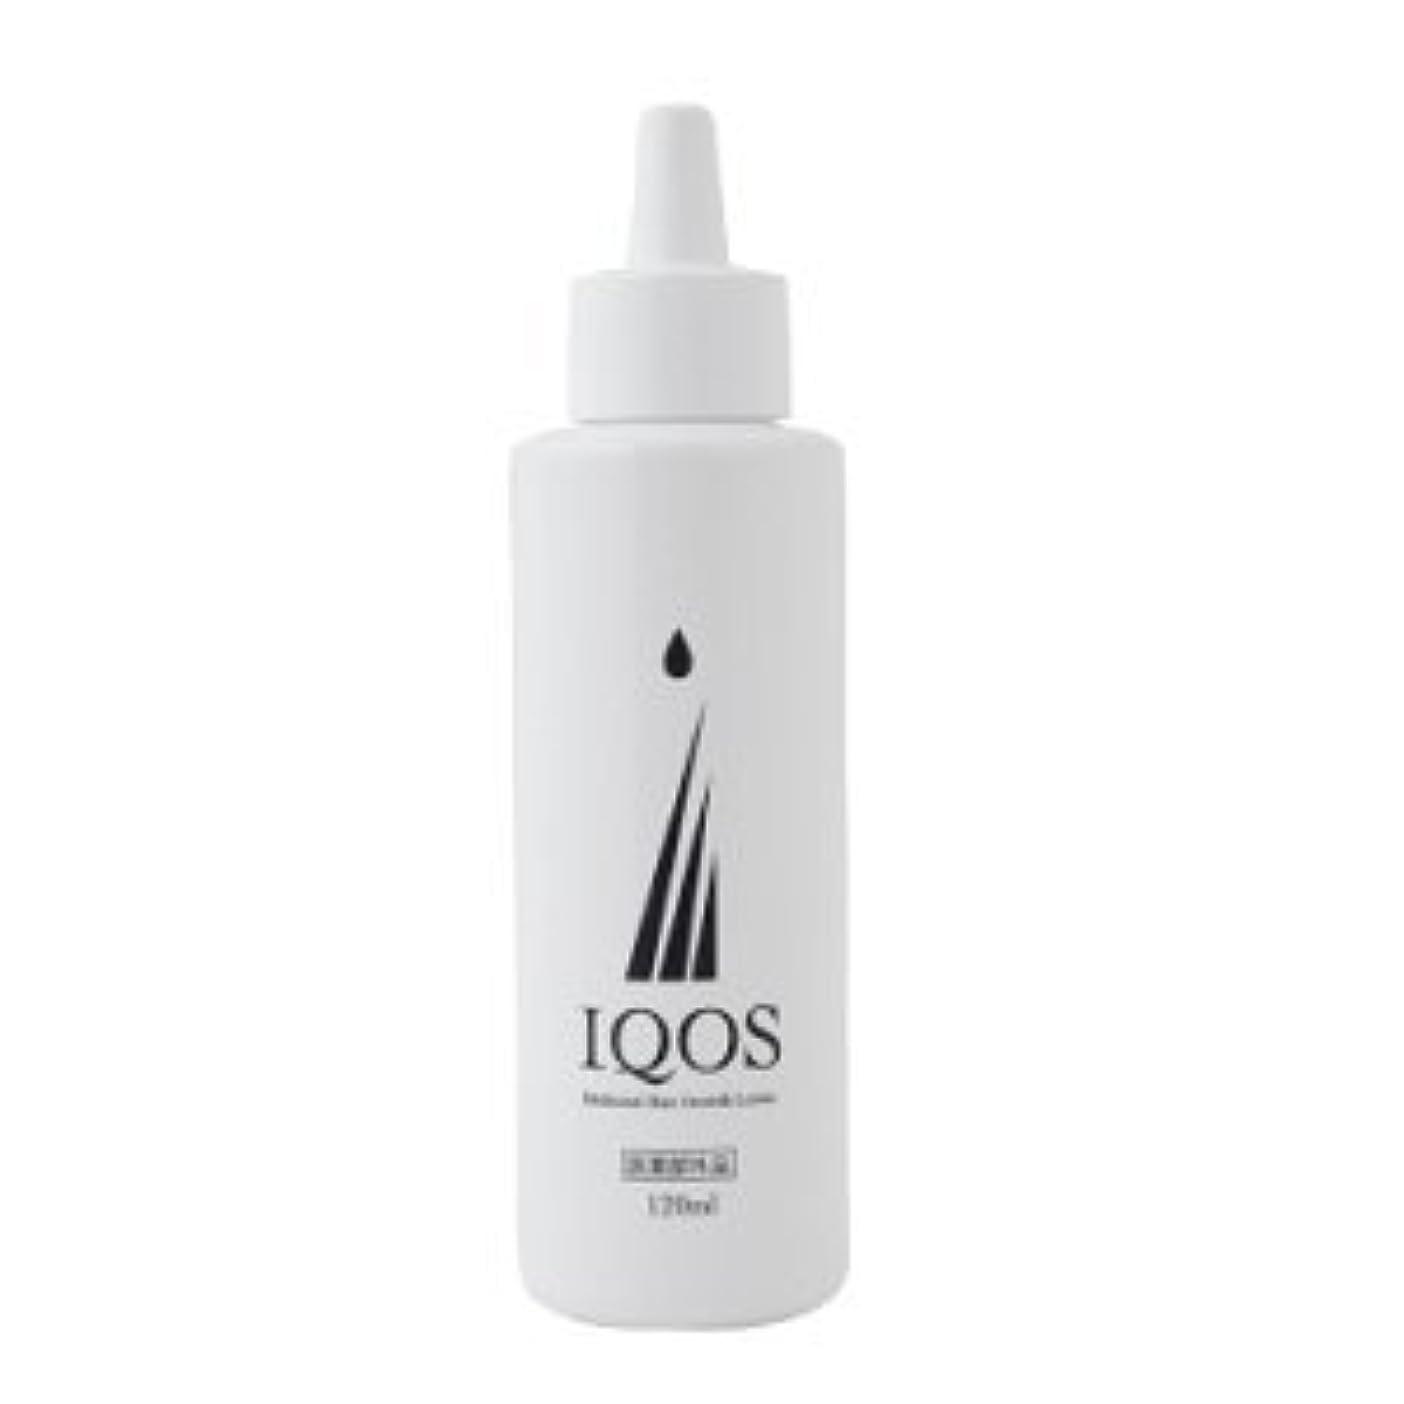 もう一度外交問題命題M-034を最大級配合 薬用育毛剤 IQOS イクオス 120ml